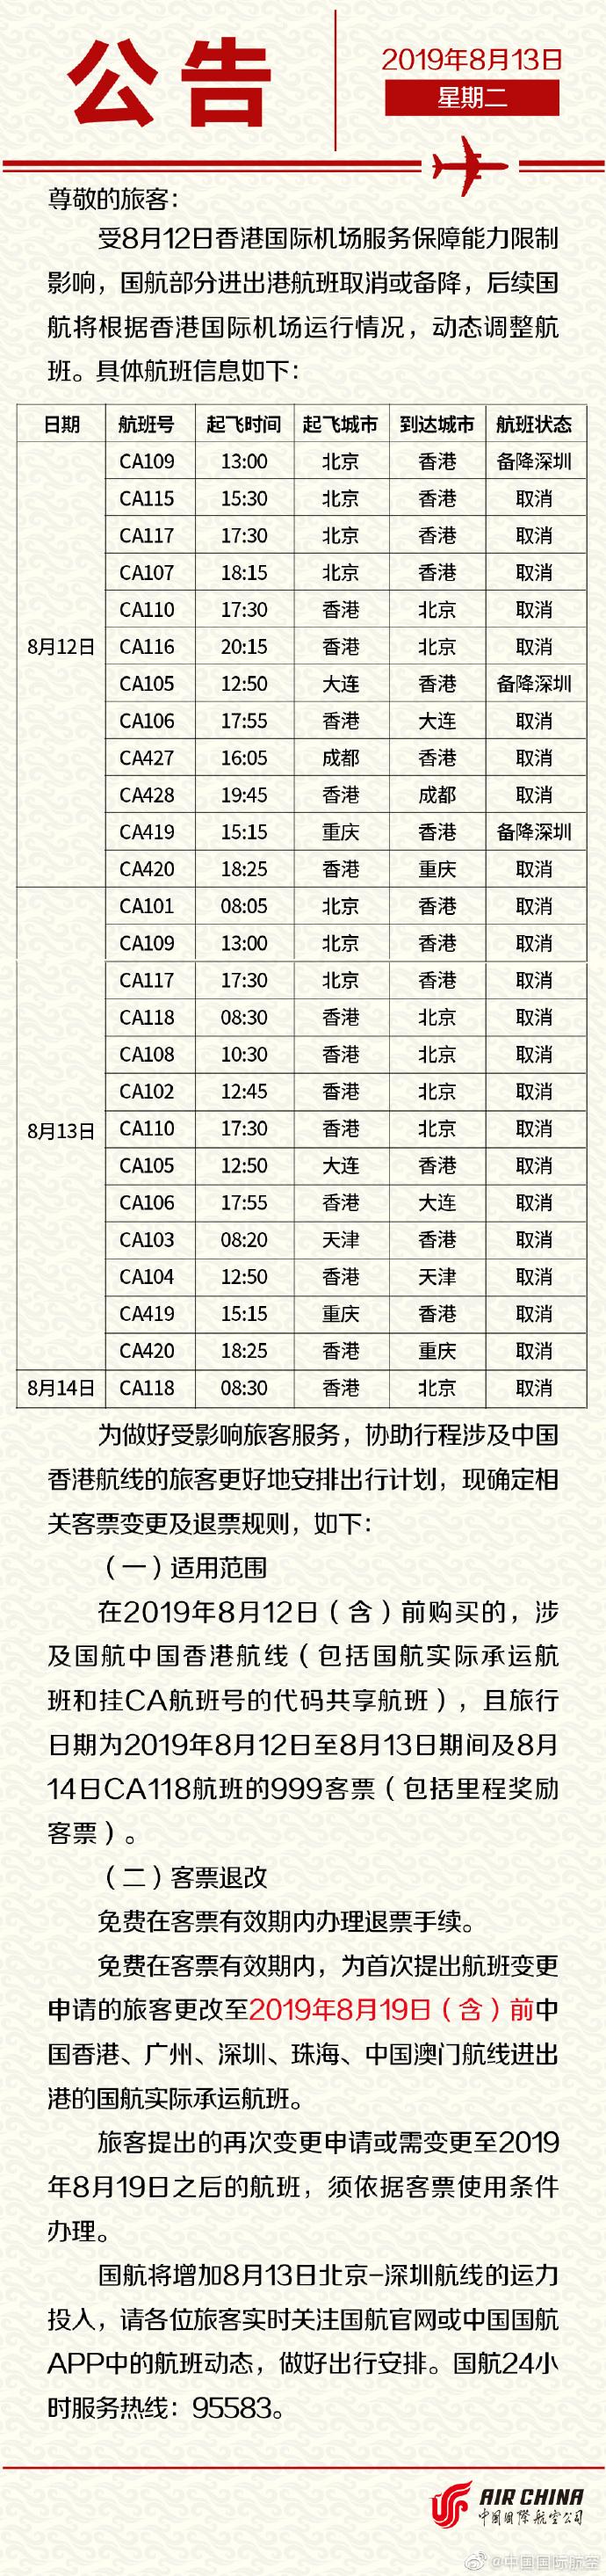 国航:部分进出港航班取消或备降 旅客可免费退票